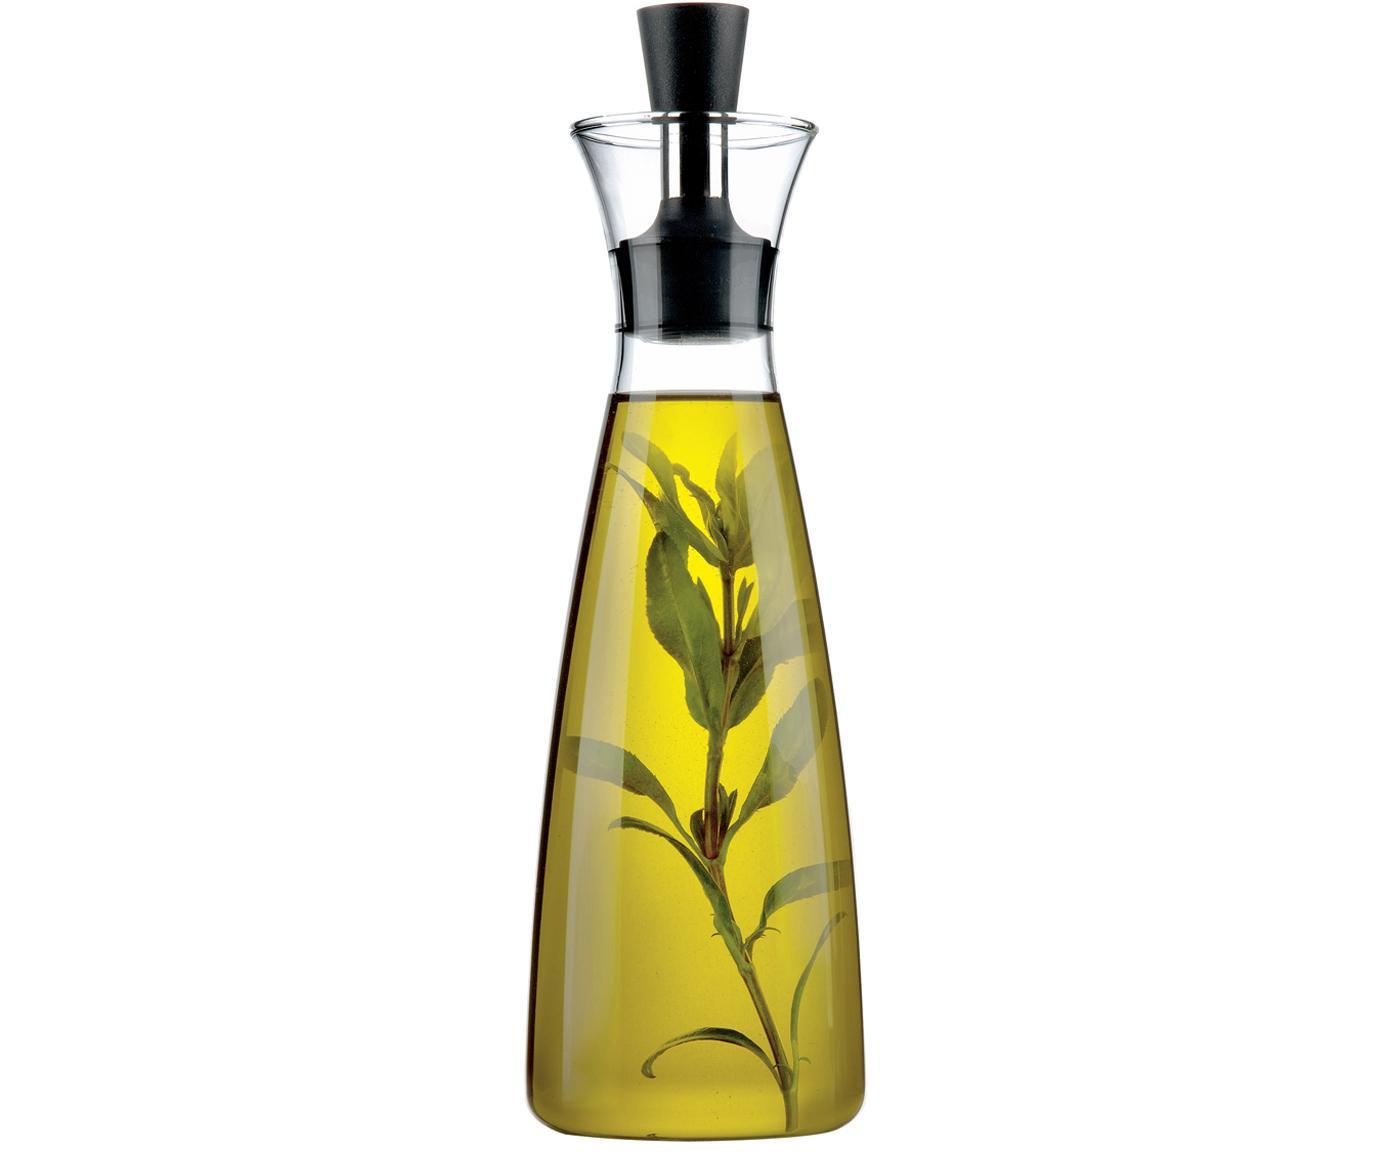 Karafka na oliwę/ocet Eva Solo, Szkło, stal szlachetna , tworzywo sztuczne, Transparentny, czarny, stal szlachetna, 0,5 l